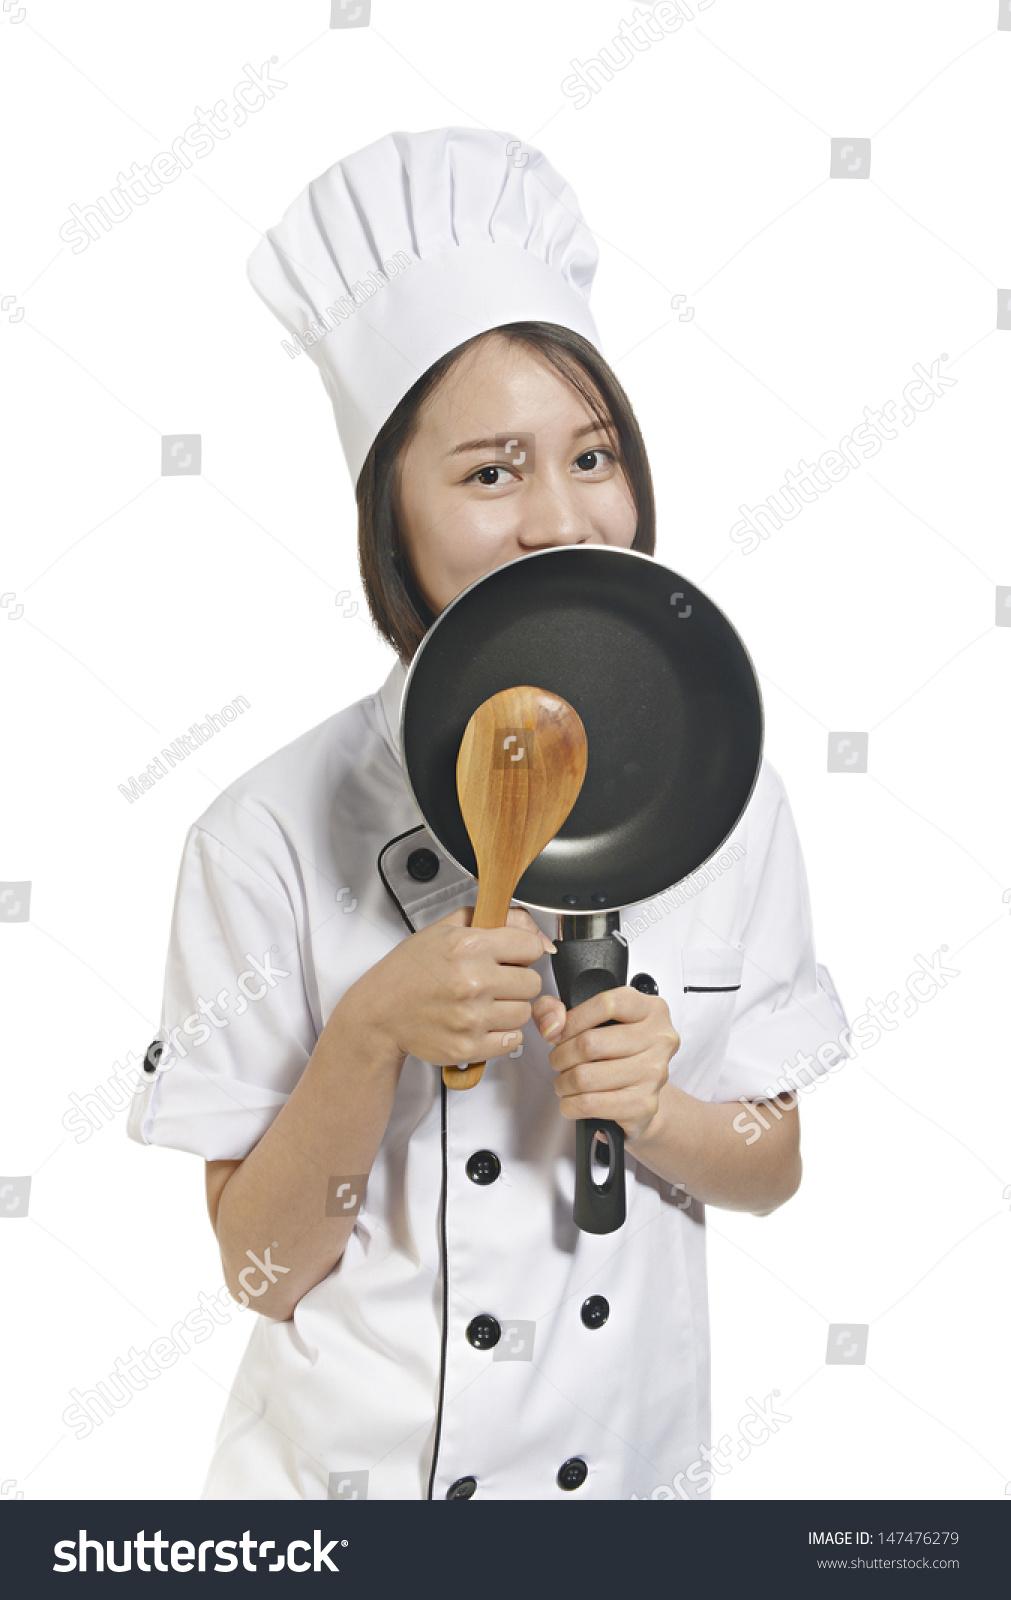 Asian Amateur young female asian amateur chef stock photo (edit now) 147476279